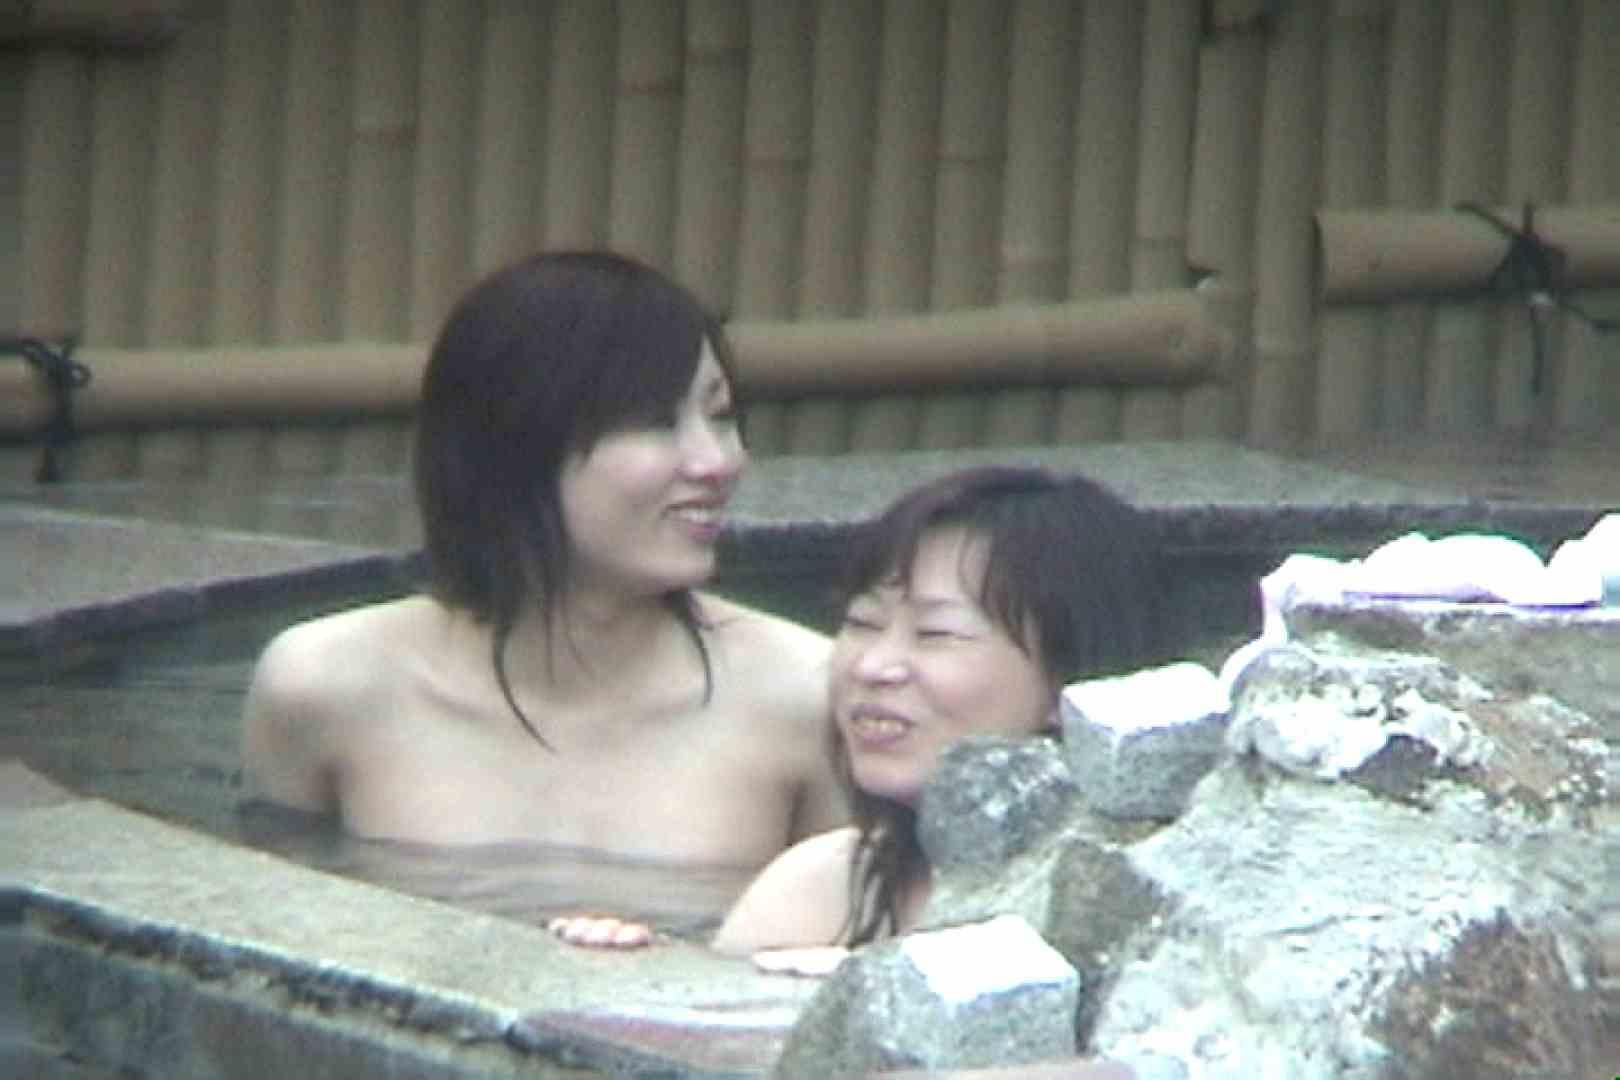 Aquaな露天風呂Vol.58【VIP限定】 盗撮  89画像 42